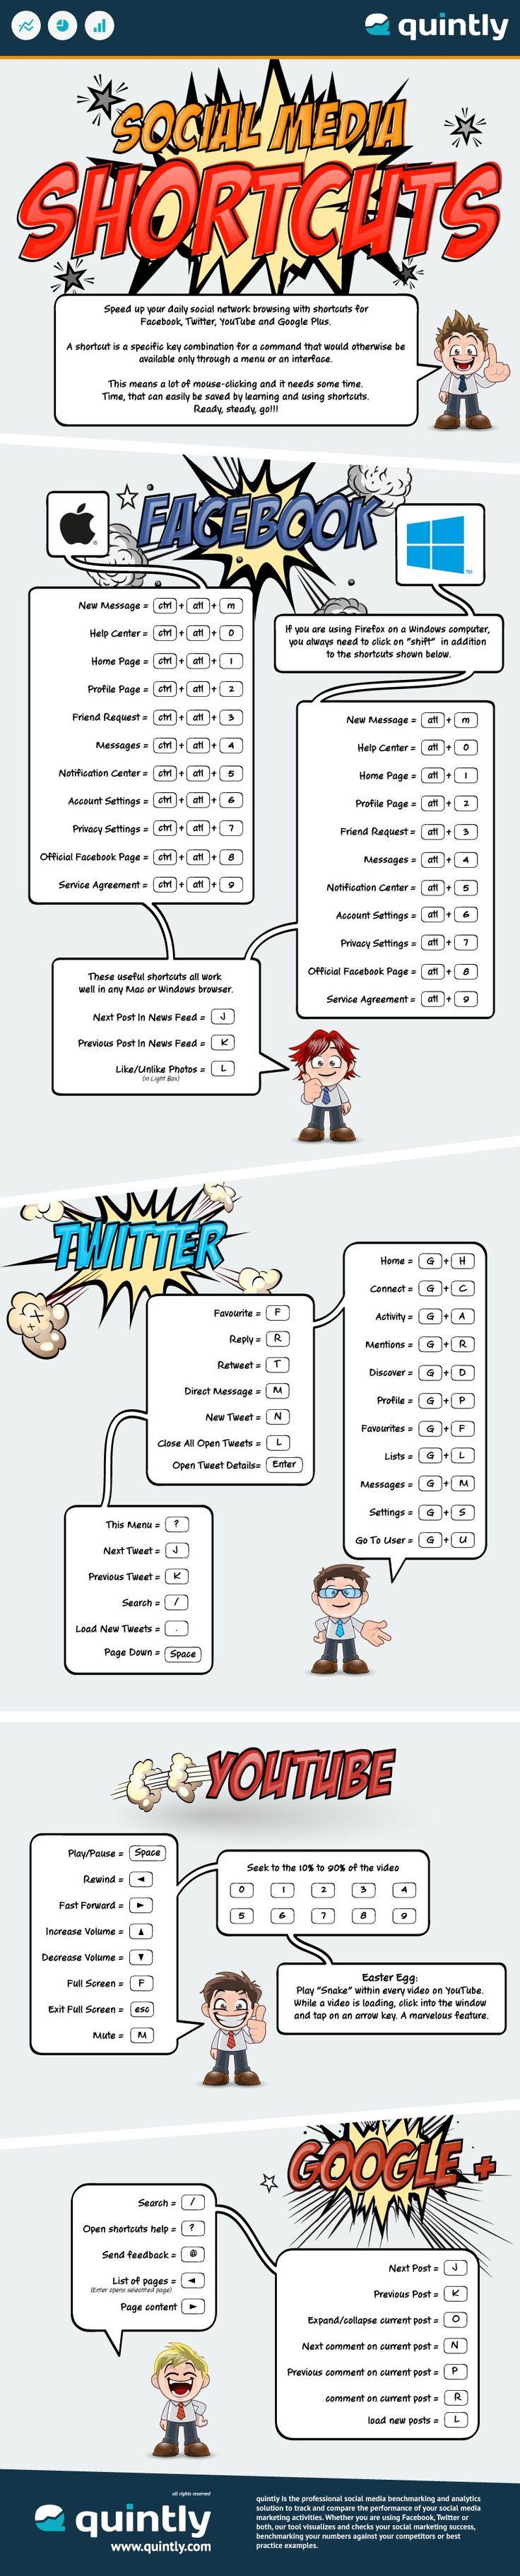 Infográfico traz diversos atalhos para você usar as redes sociais de forma mais rápida